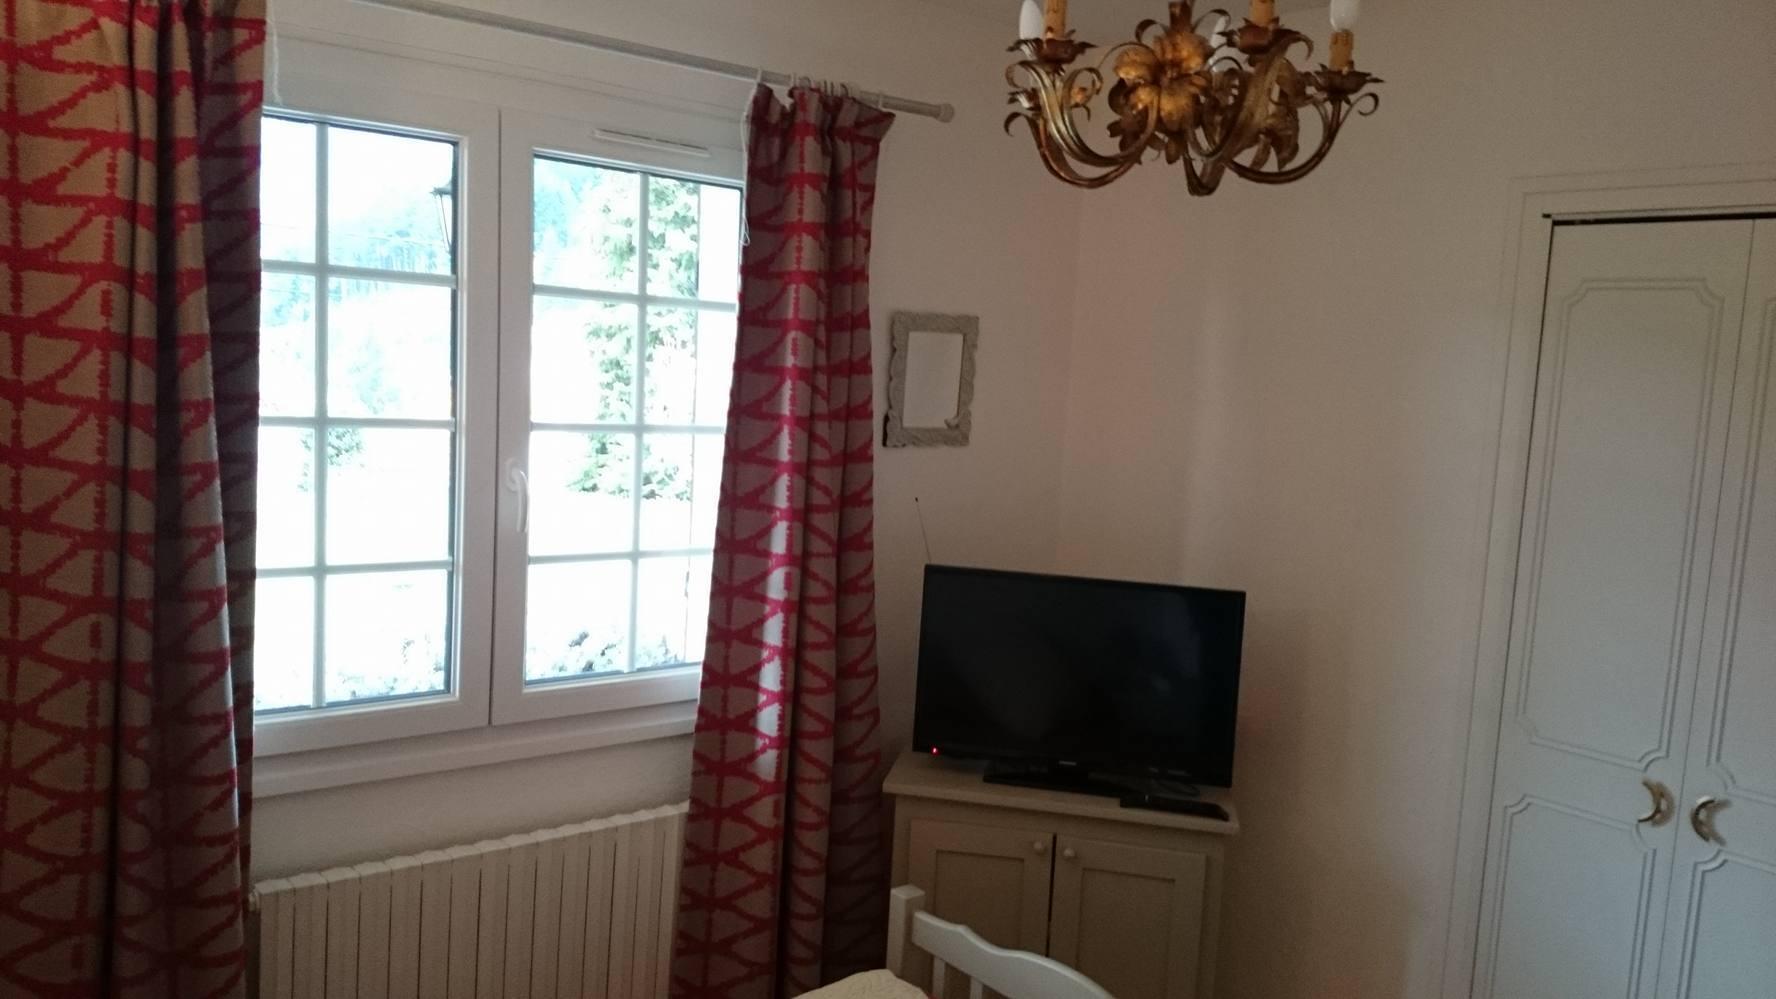 Chambres d 39 hotes ardeche la riaille le cheylard 07160 - Chambre d hote avec jacuzzi dans la chambre ...